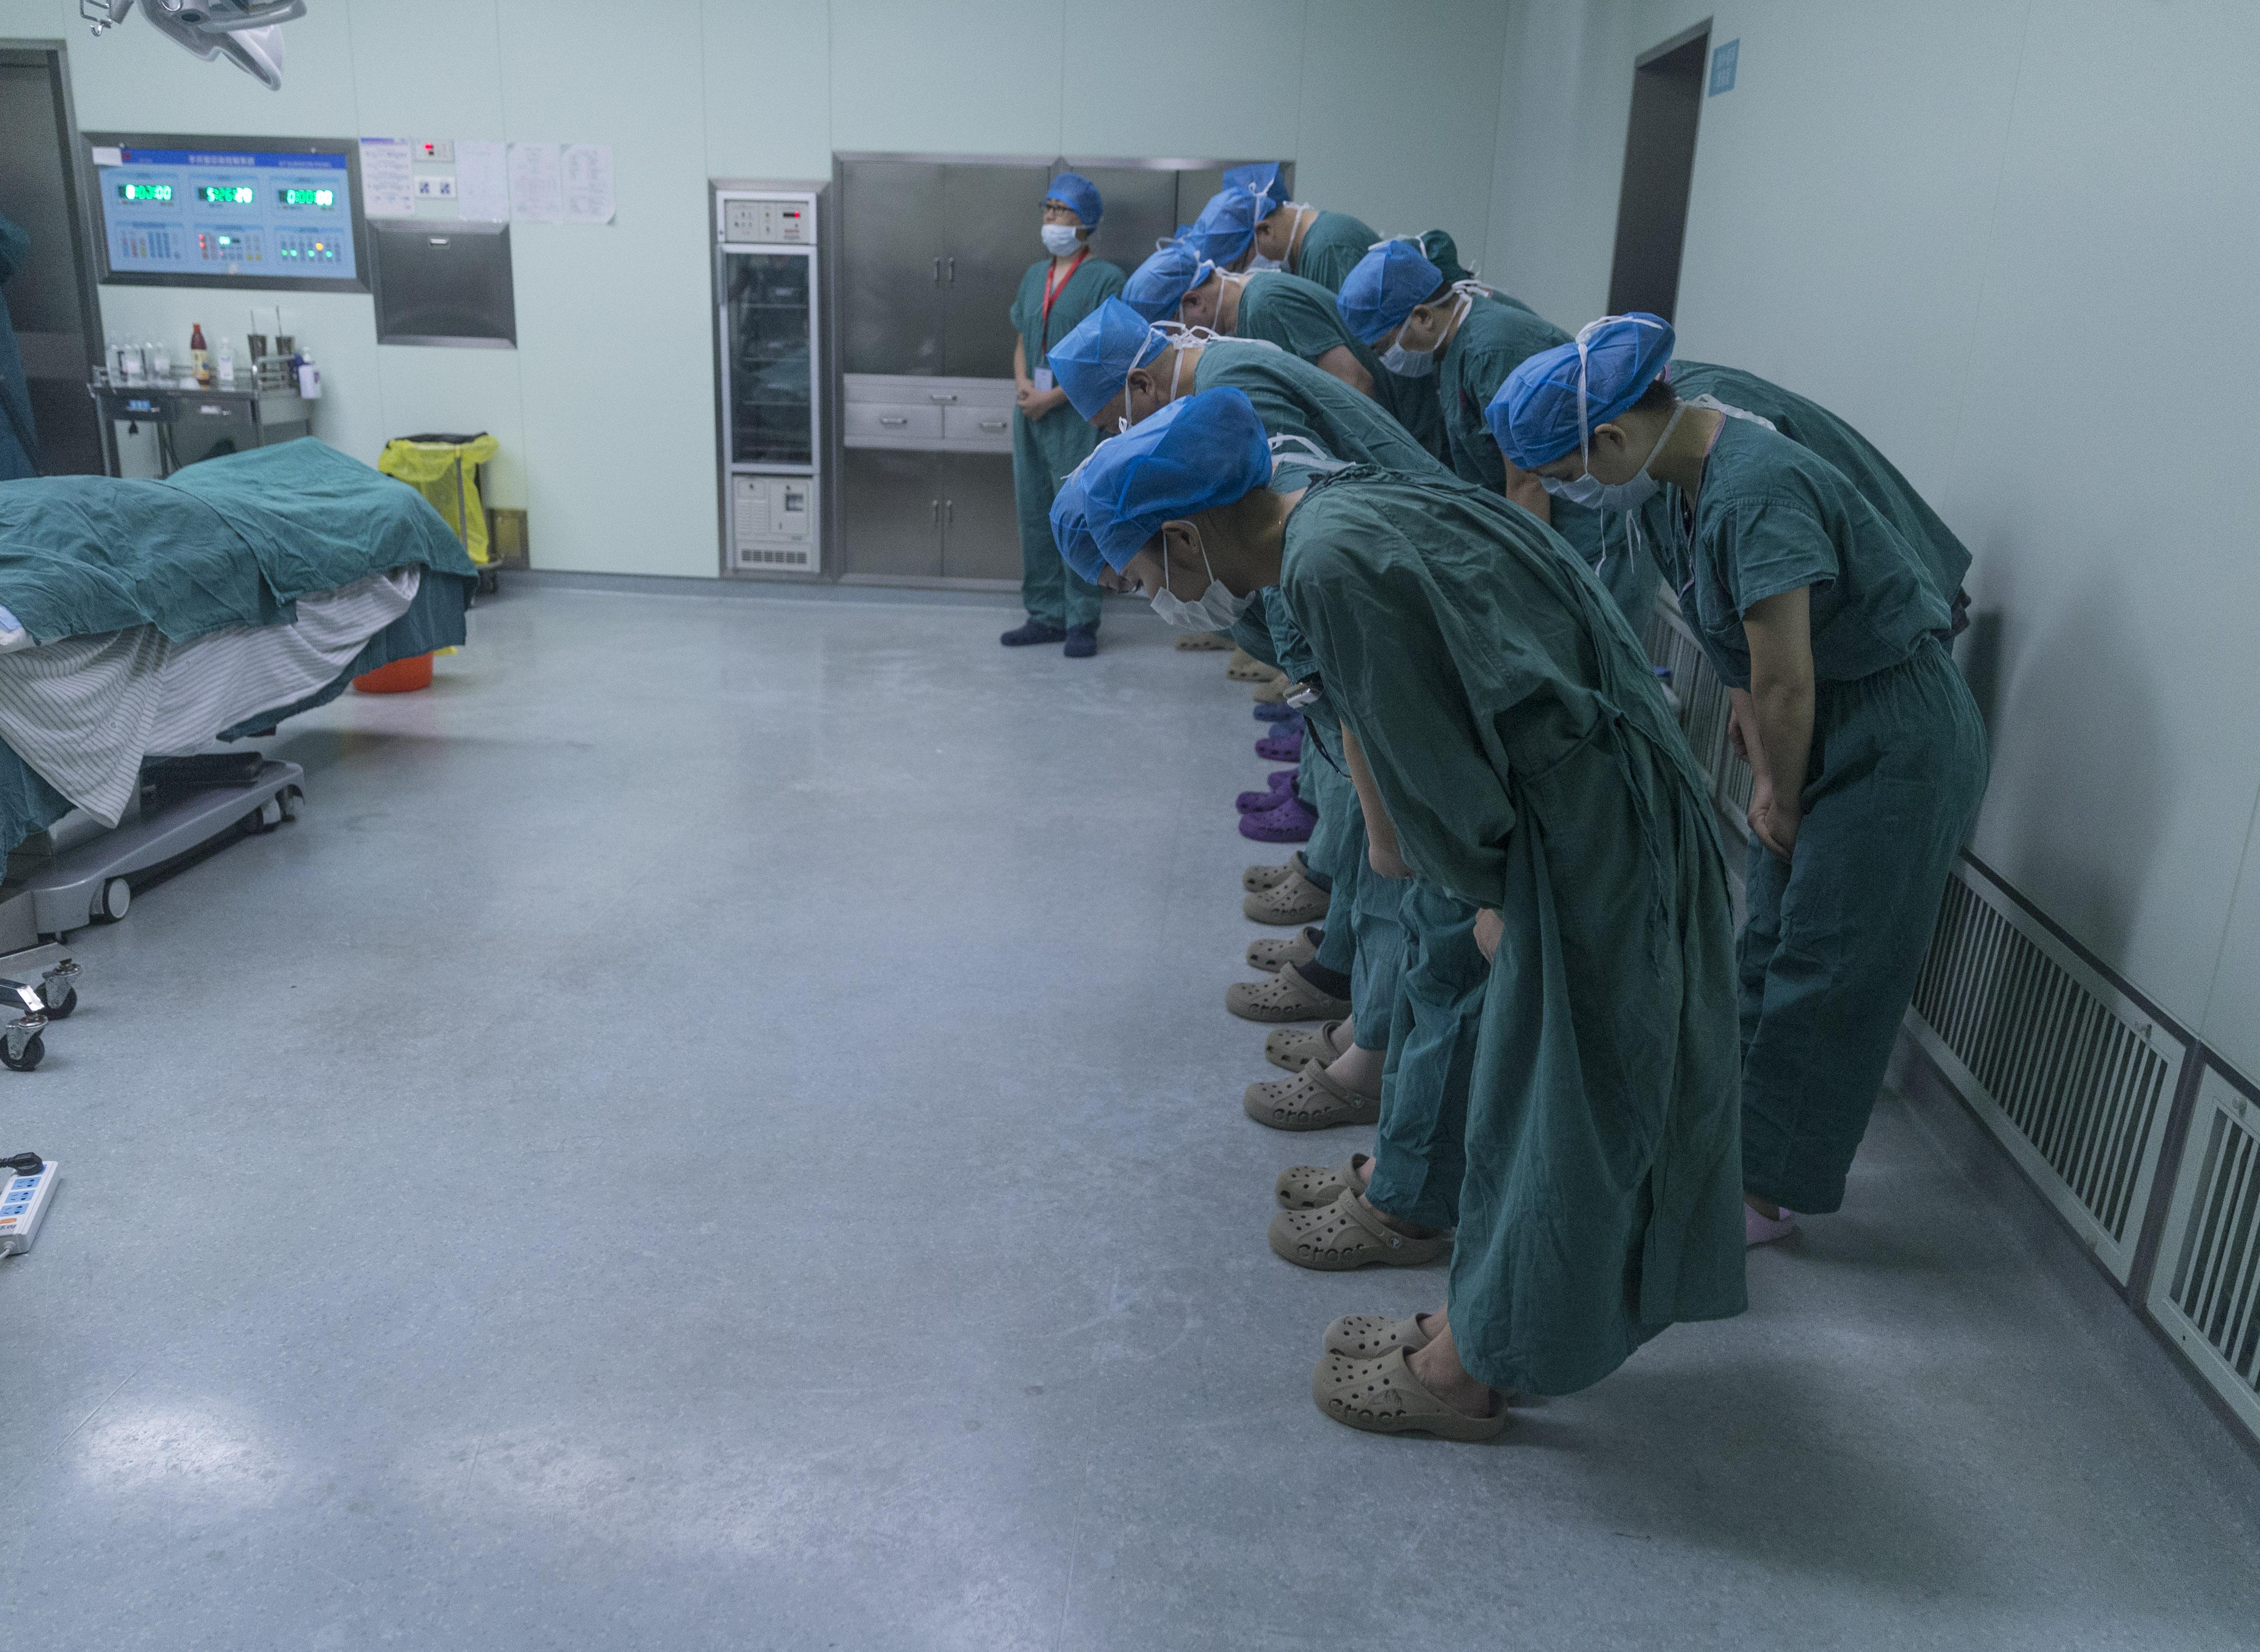 41岁援藏医生病倒在岗位 捐全部器官